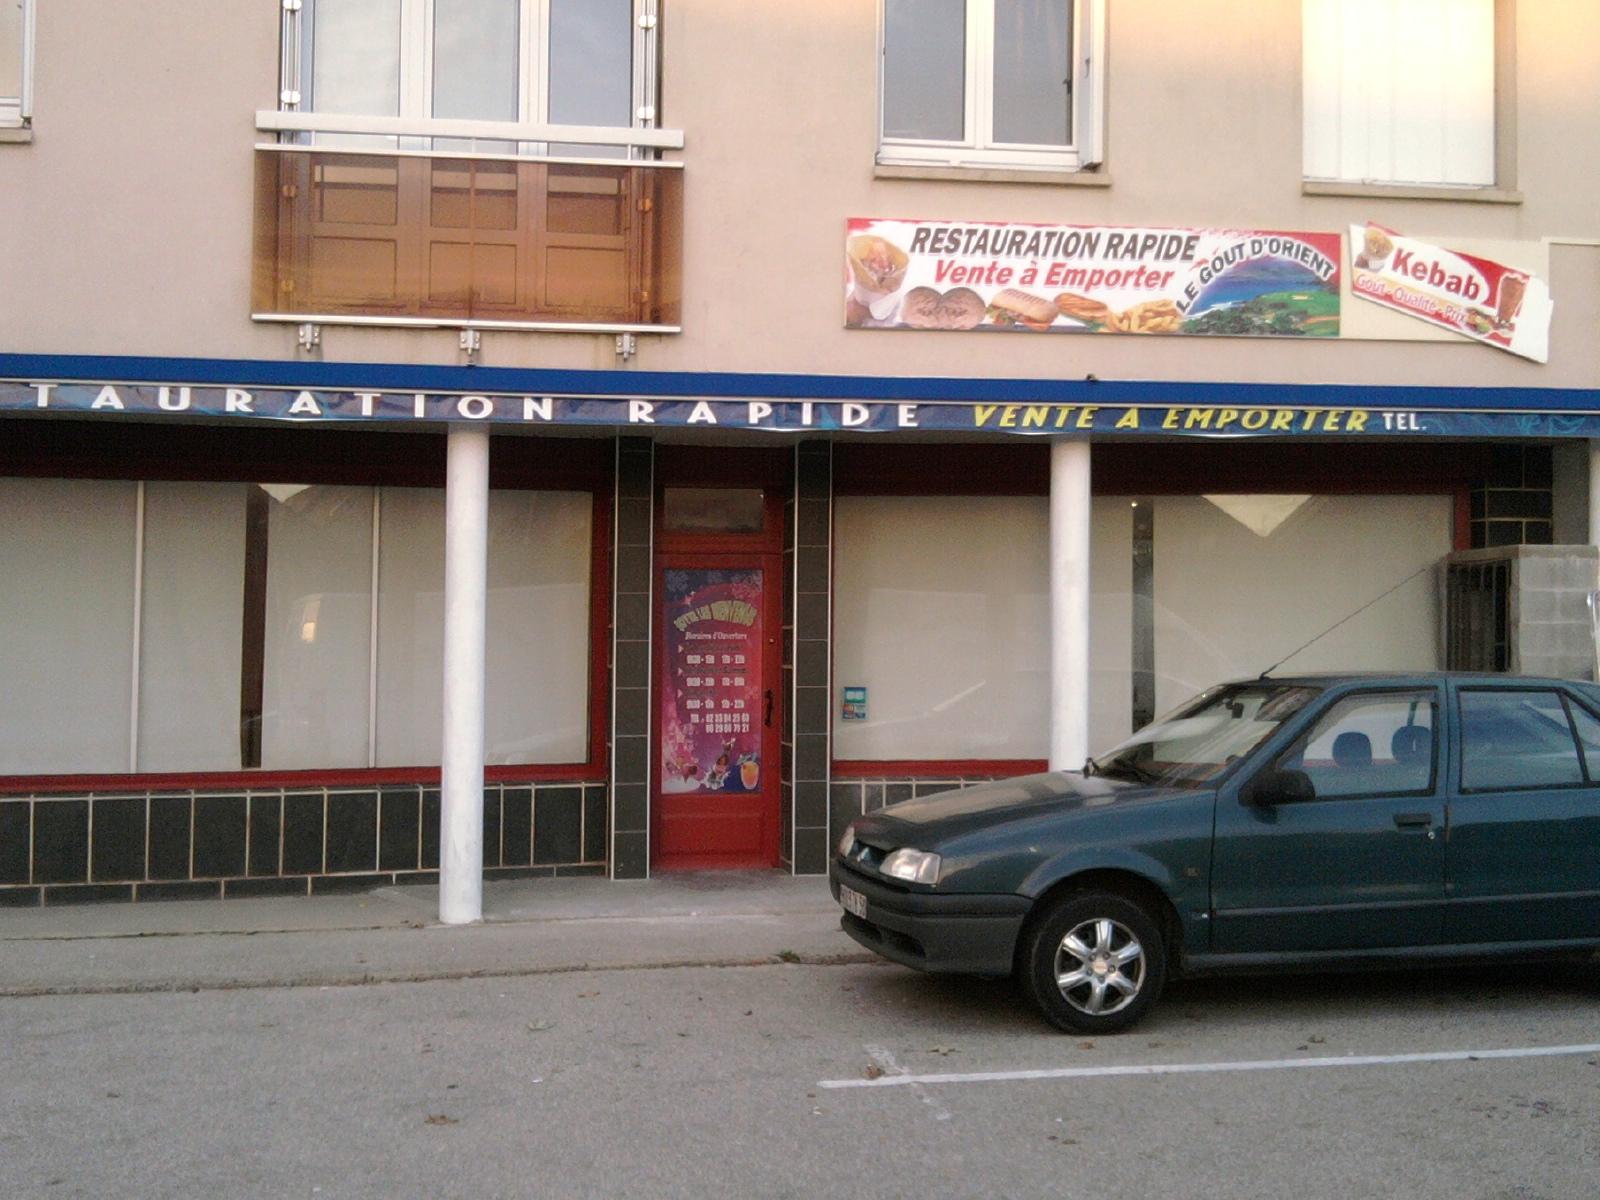 Le gout d'orient kebab